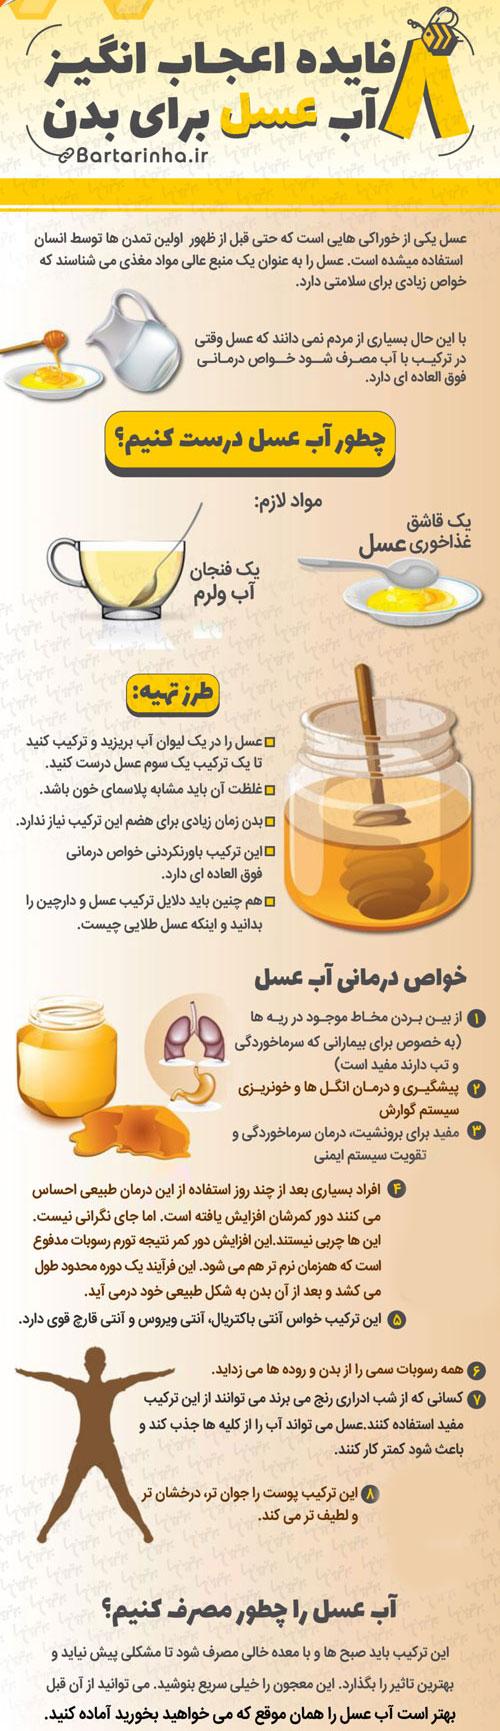 8 فایده اعجاب انگیز آب عسل برای بدن+اینفوگرافیک